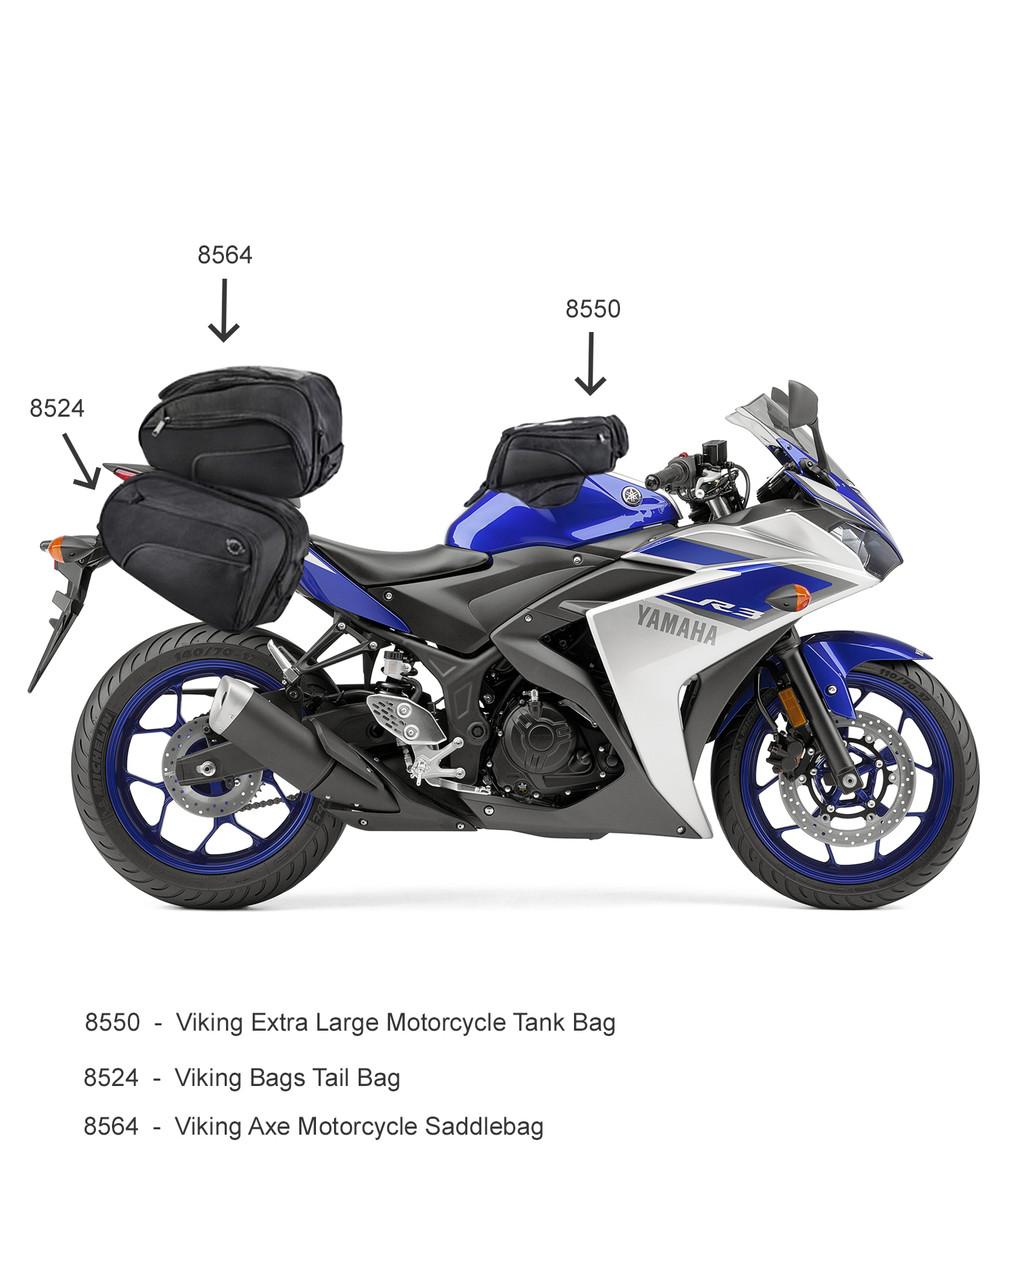 Kawasaki Viking Sport Motorcycle Tail Bag Related Bags